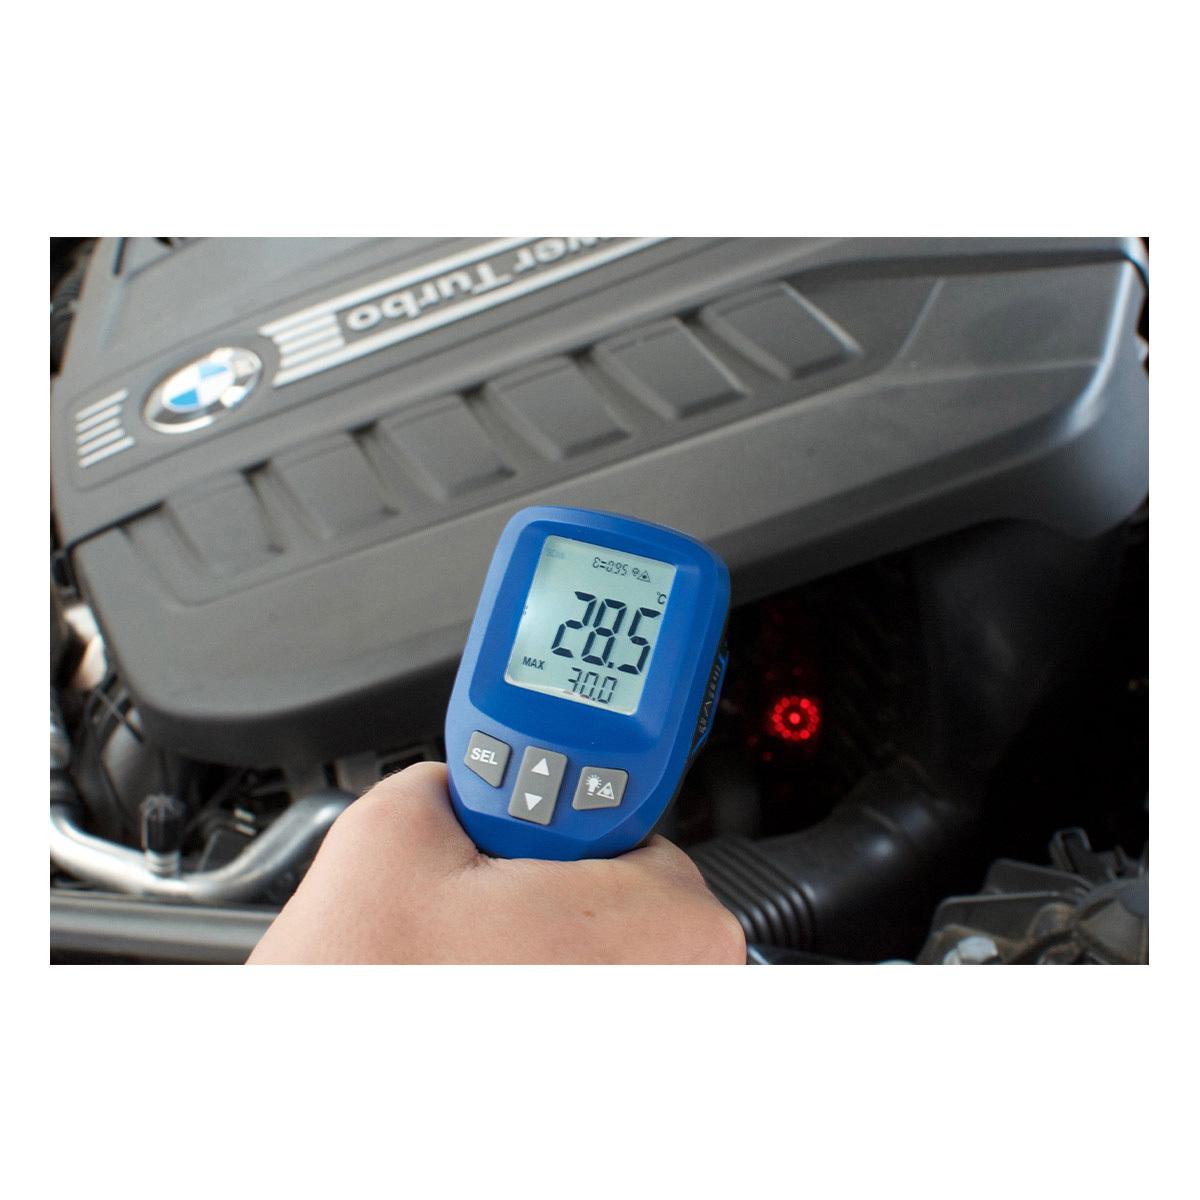 31-1138-01-infrarot-thermometer-circle-beam-anwendungen-1200x1200px.jpg